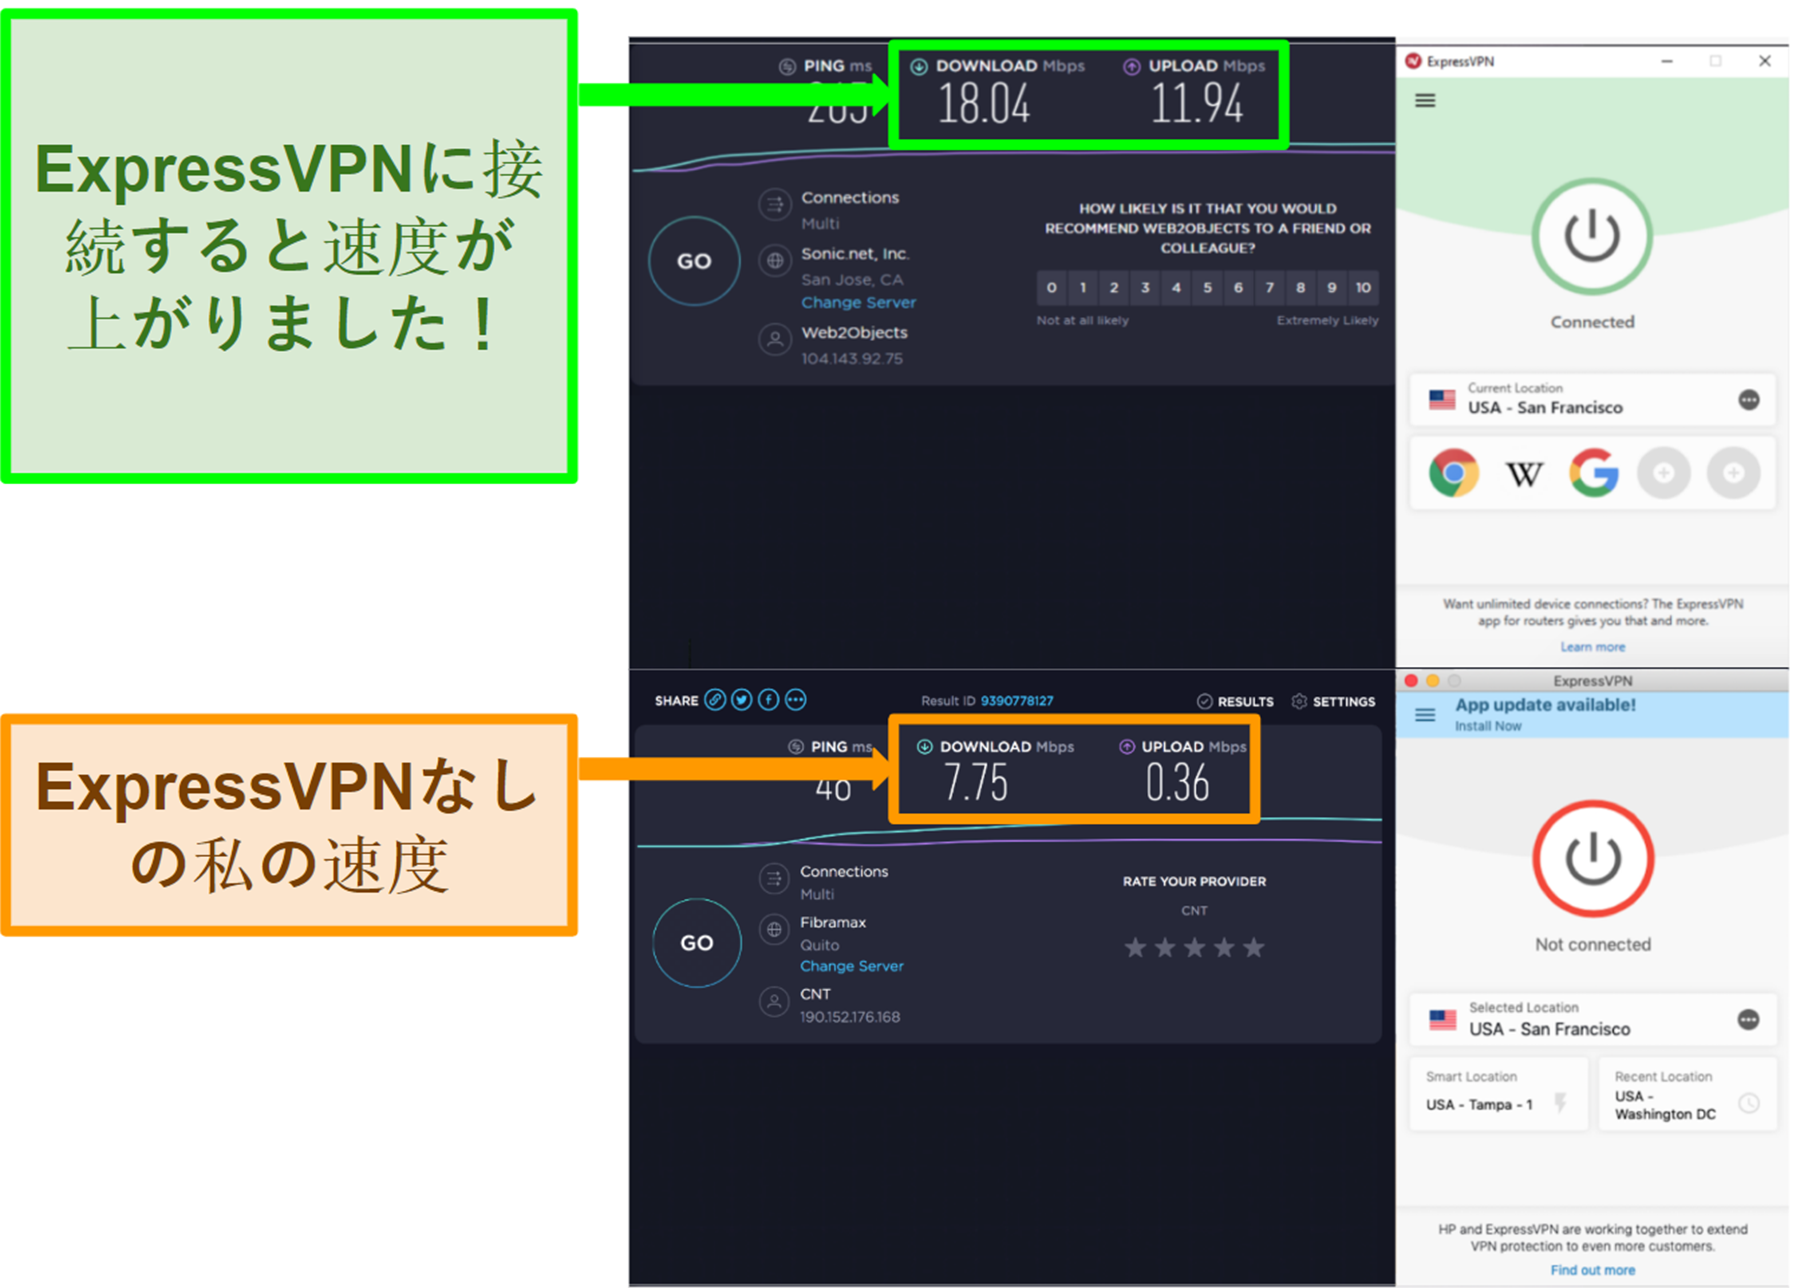 ExpressVPNは、米国のサーバーに接続したときの速度を改善しました